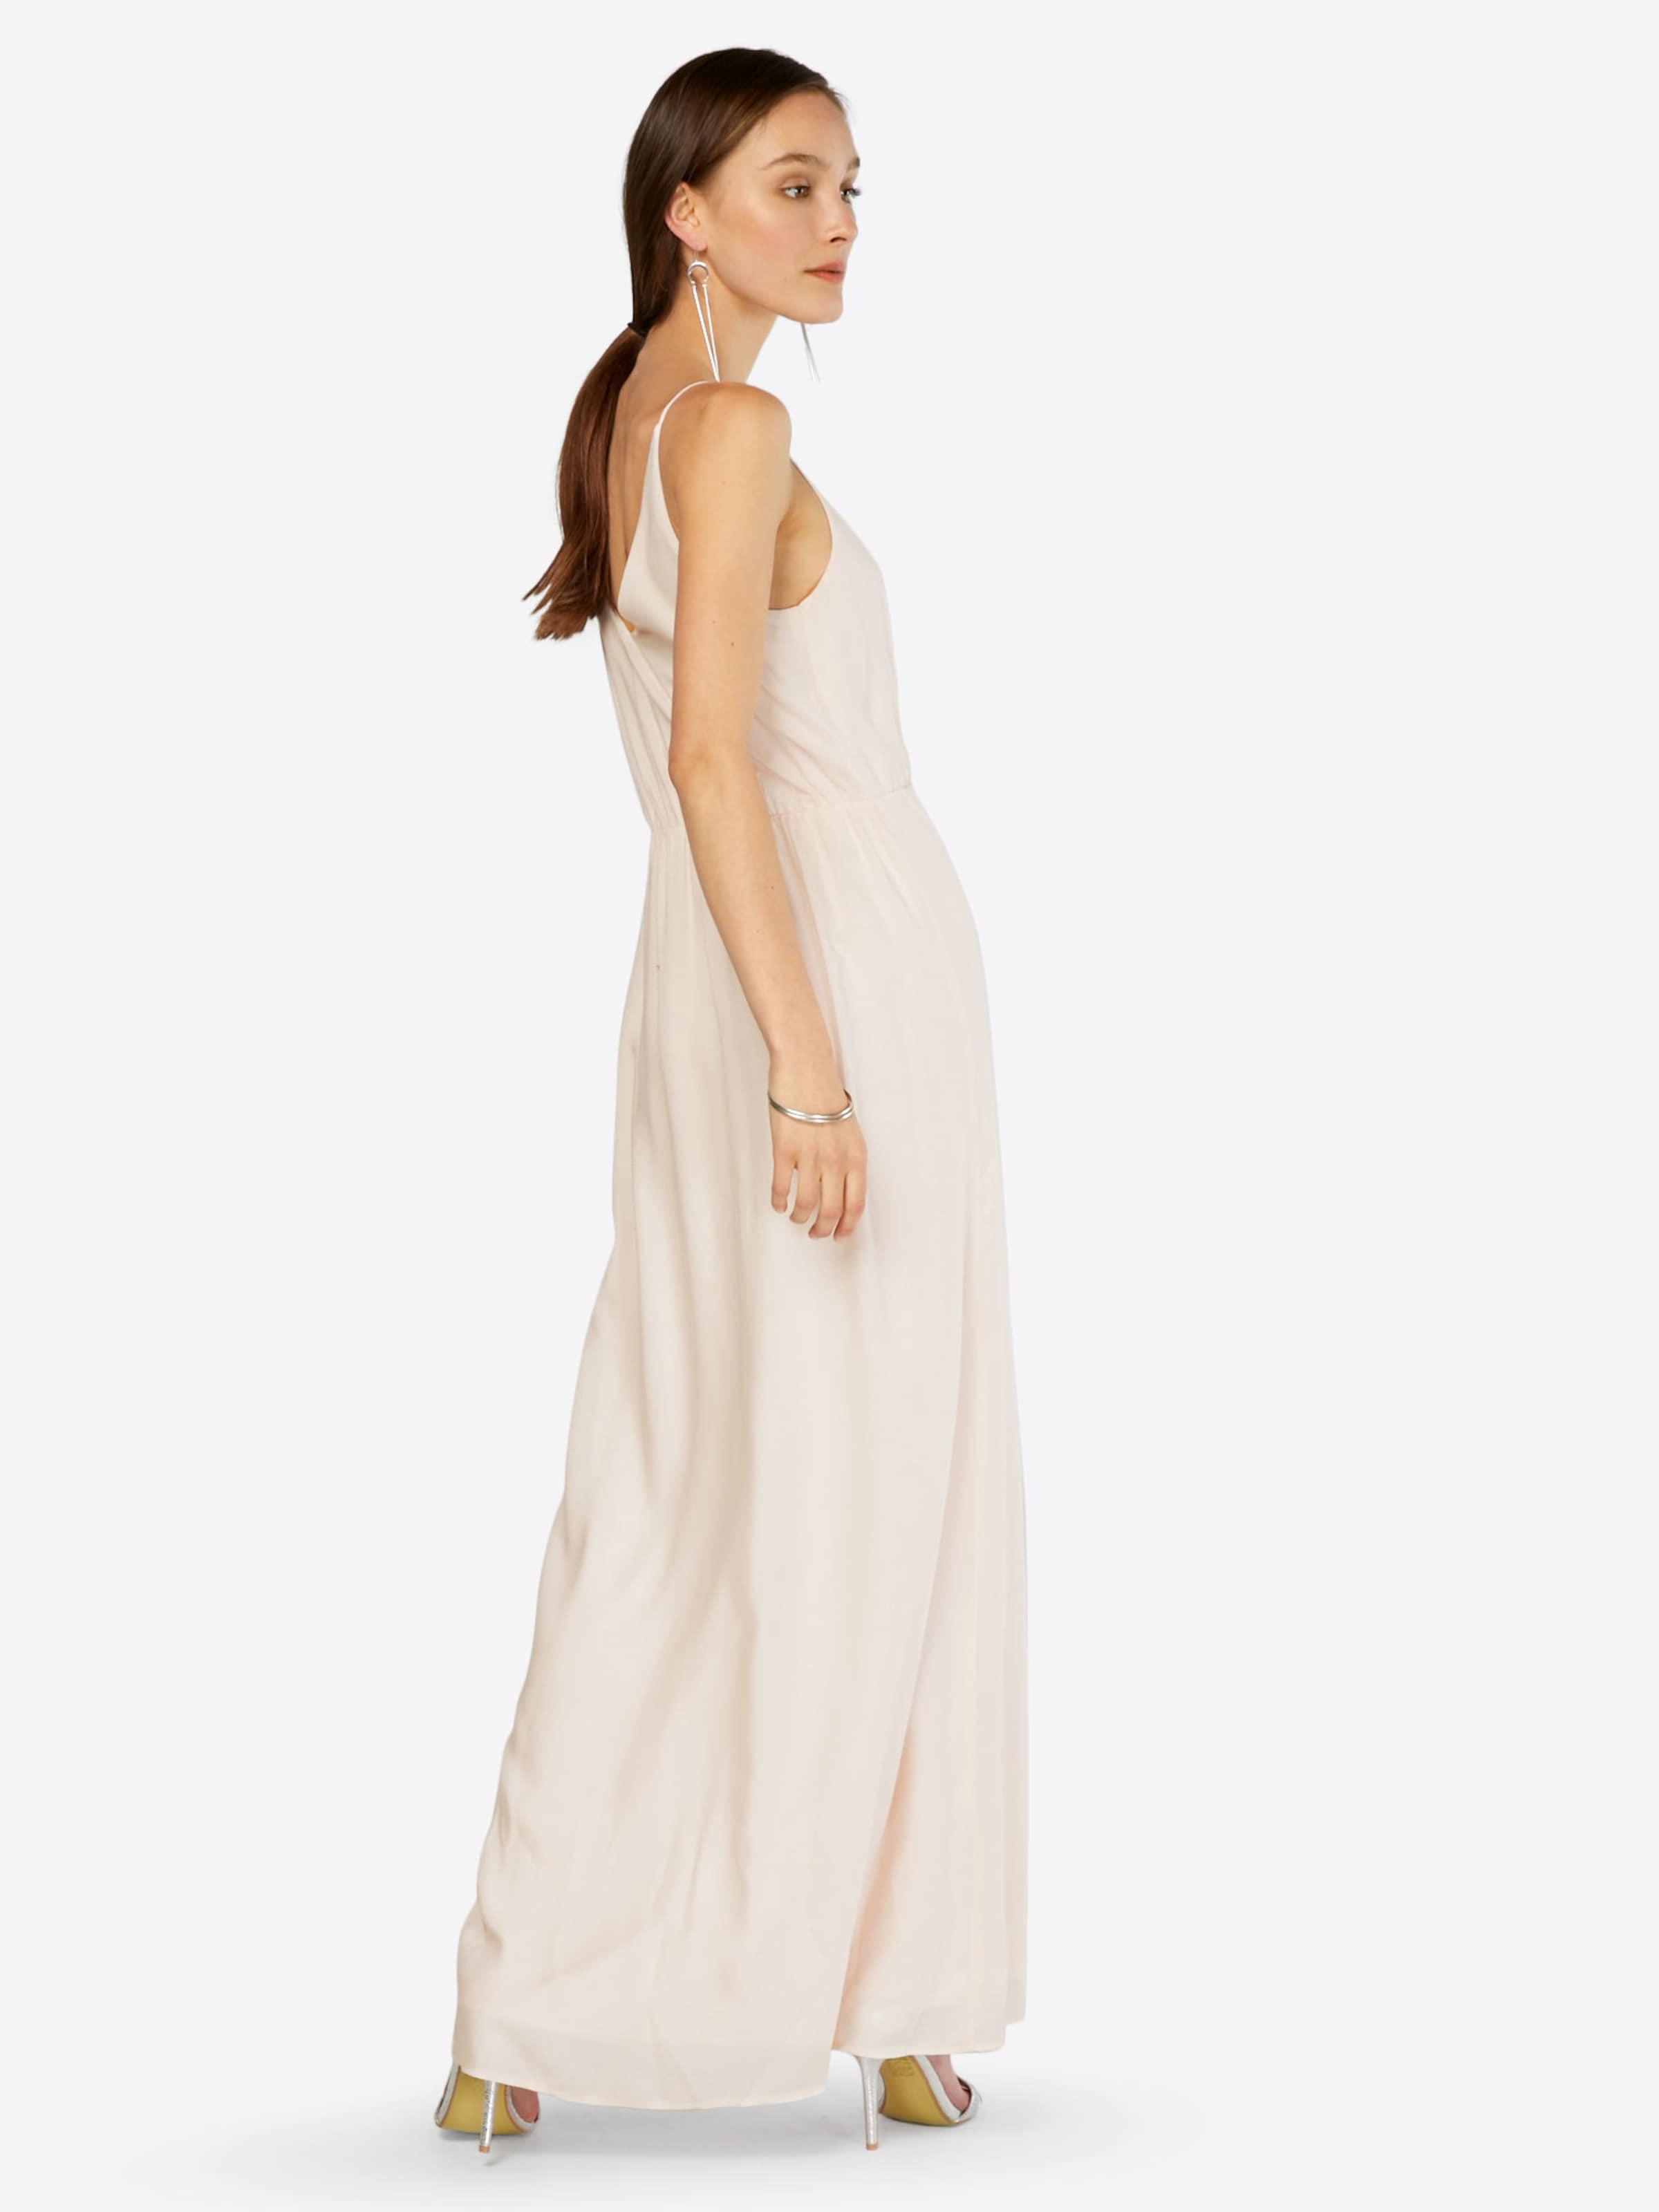 dc' Dress Robe En Beige 'vilinny Maxi Vila q3RL54cAj